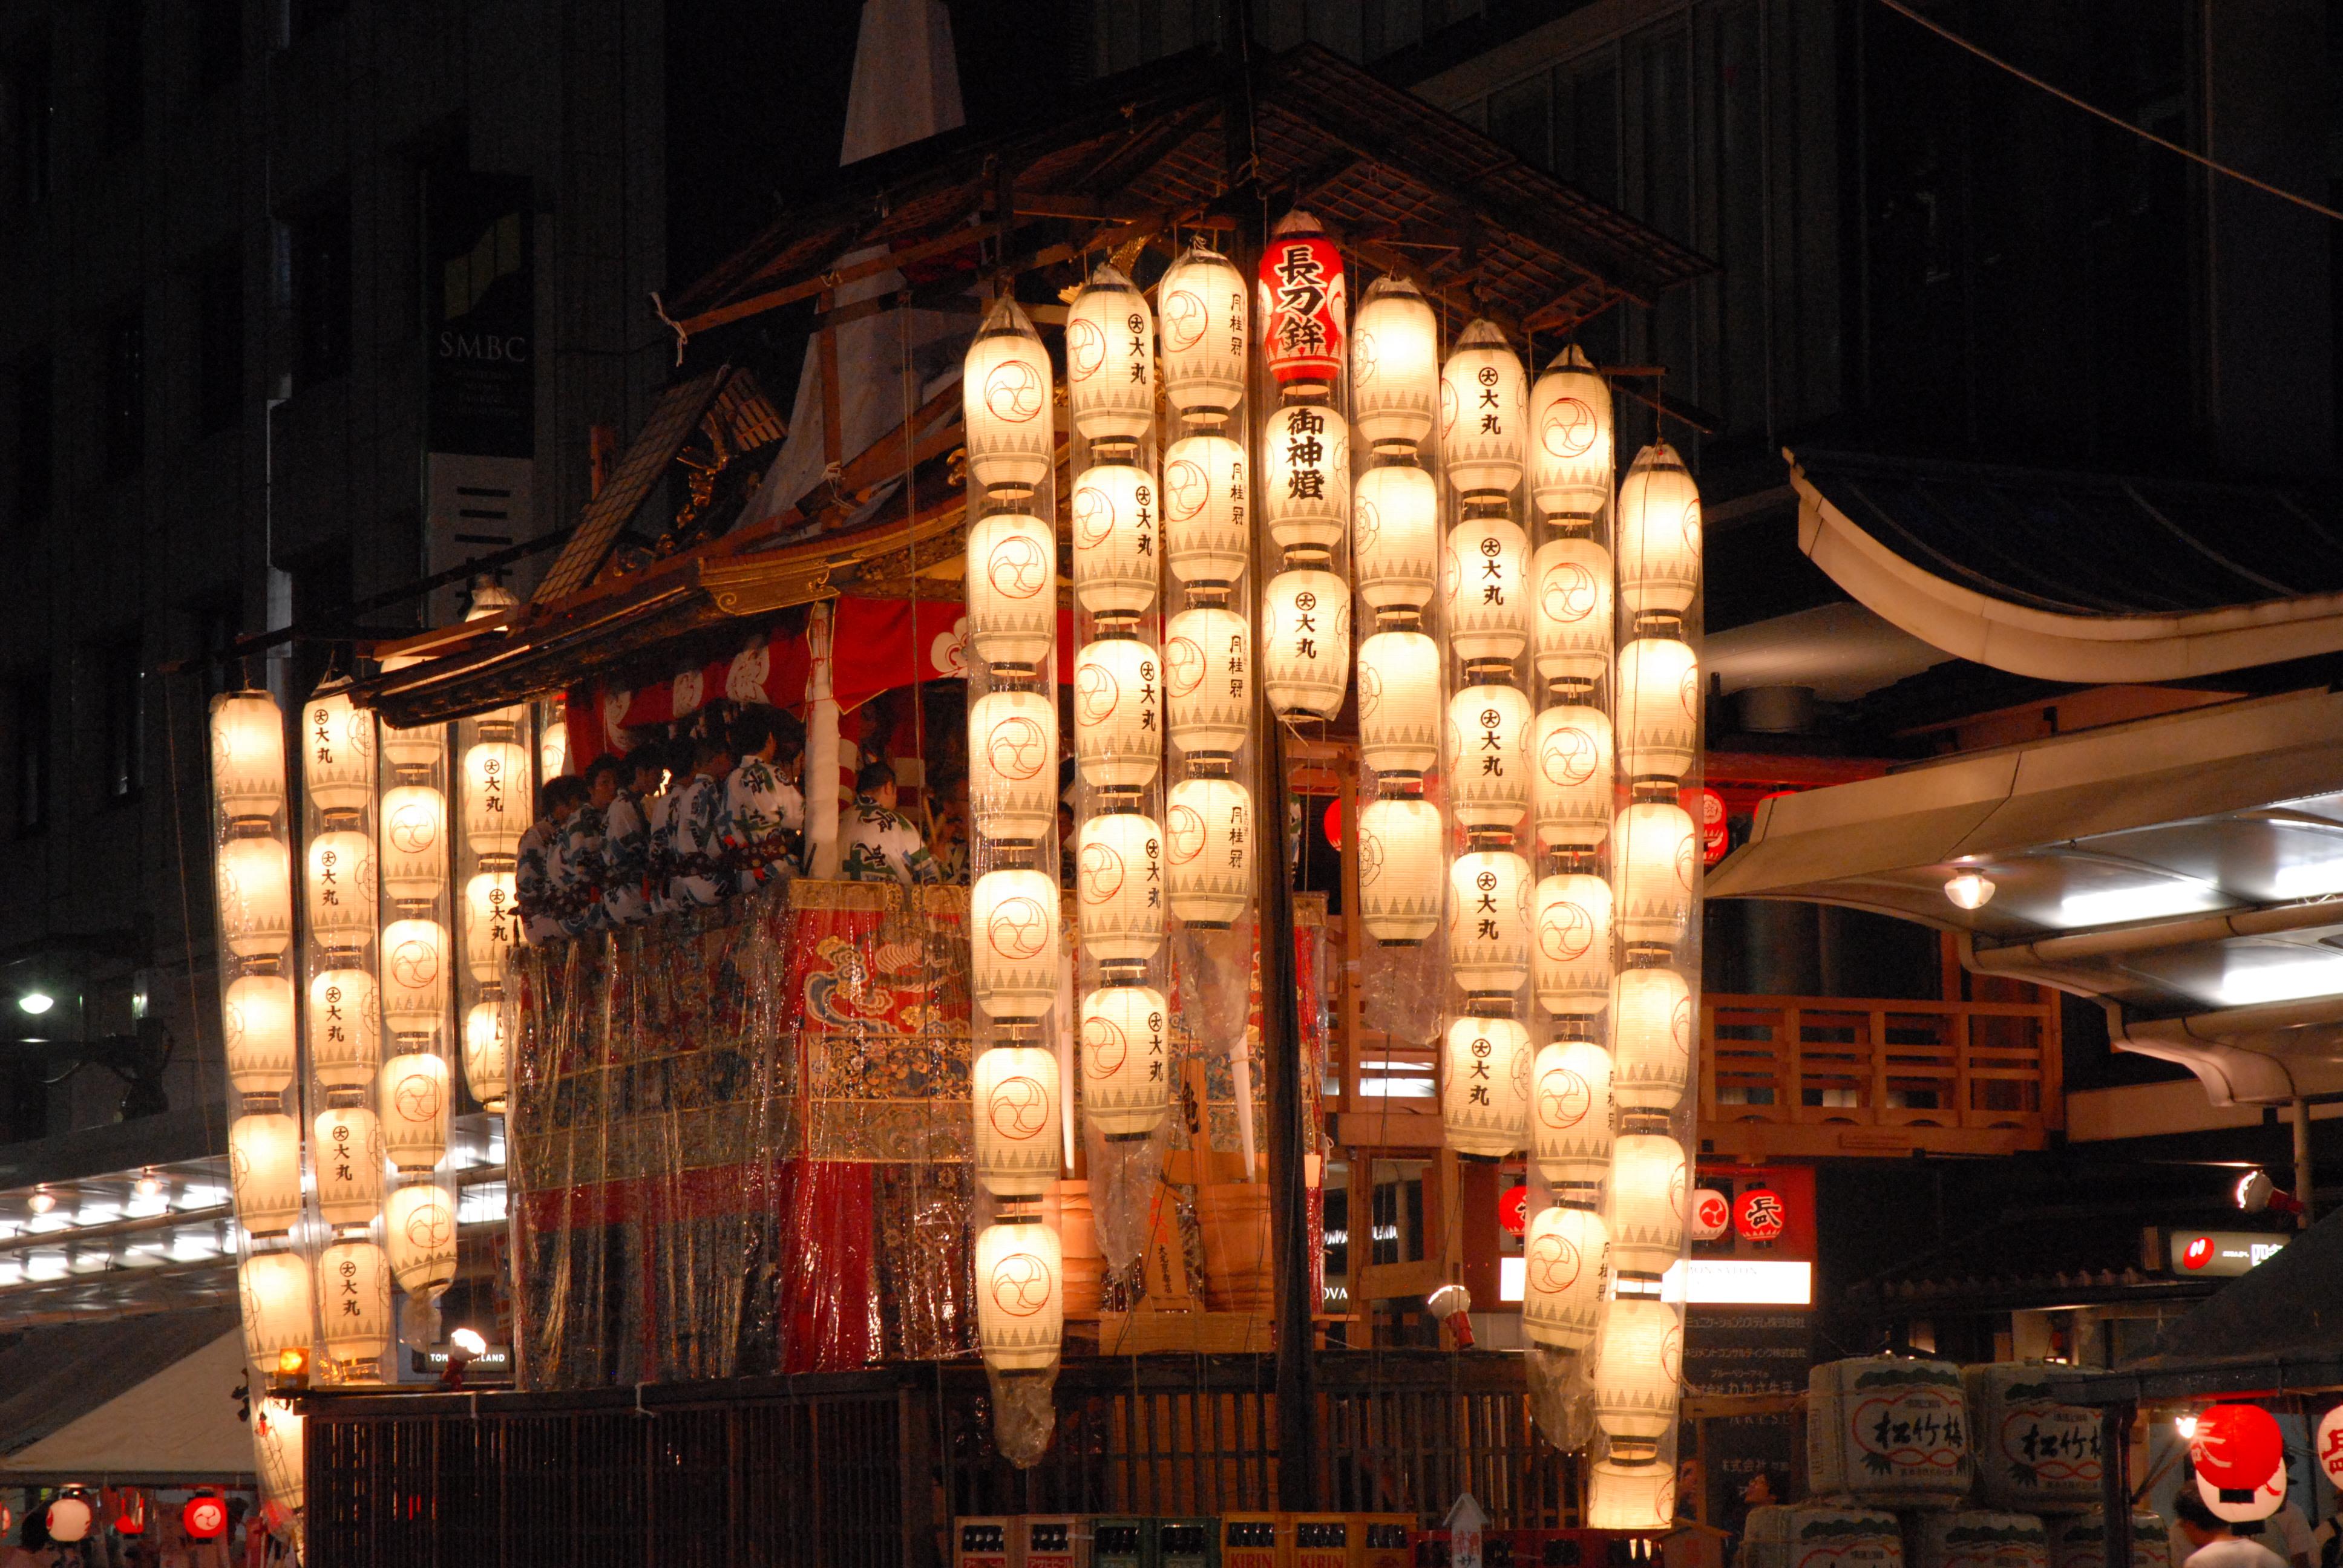 祇園祭 駒形提灯